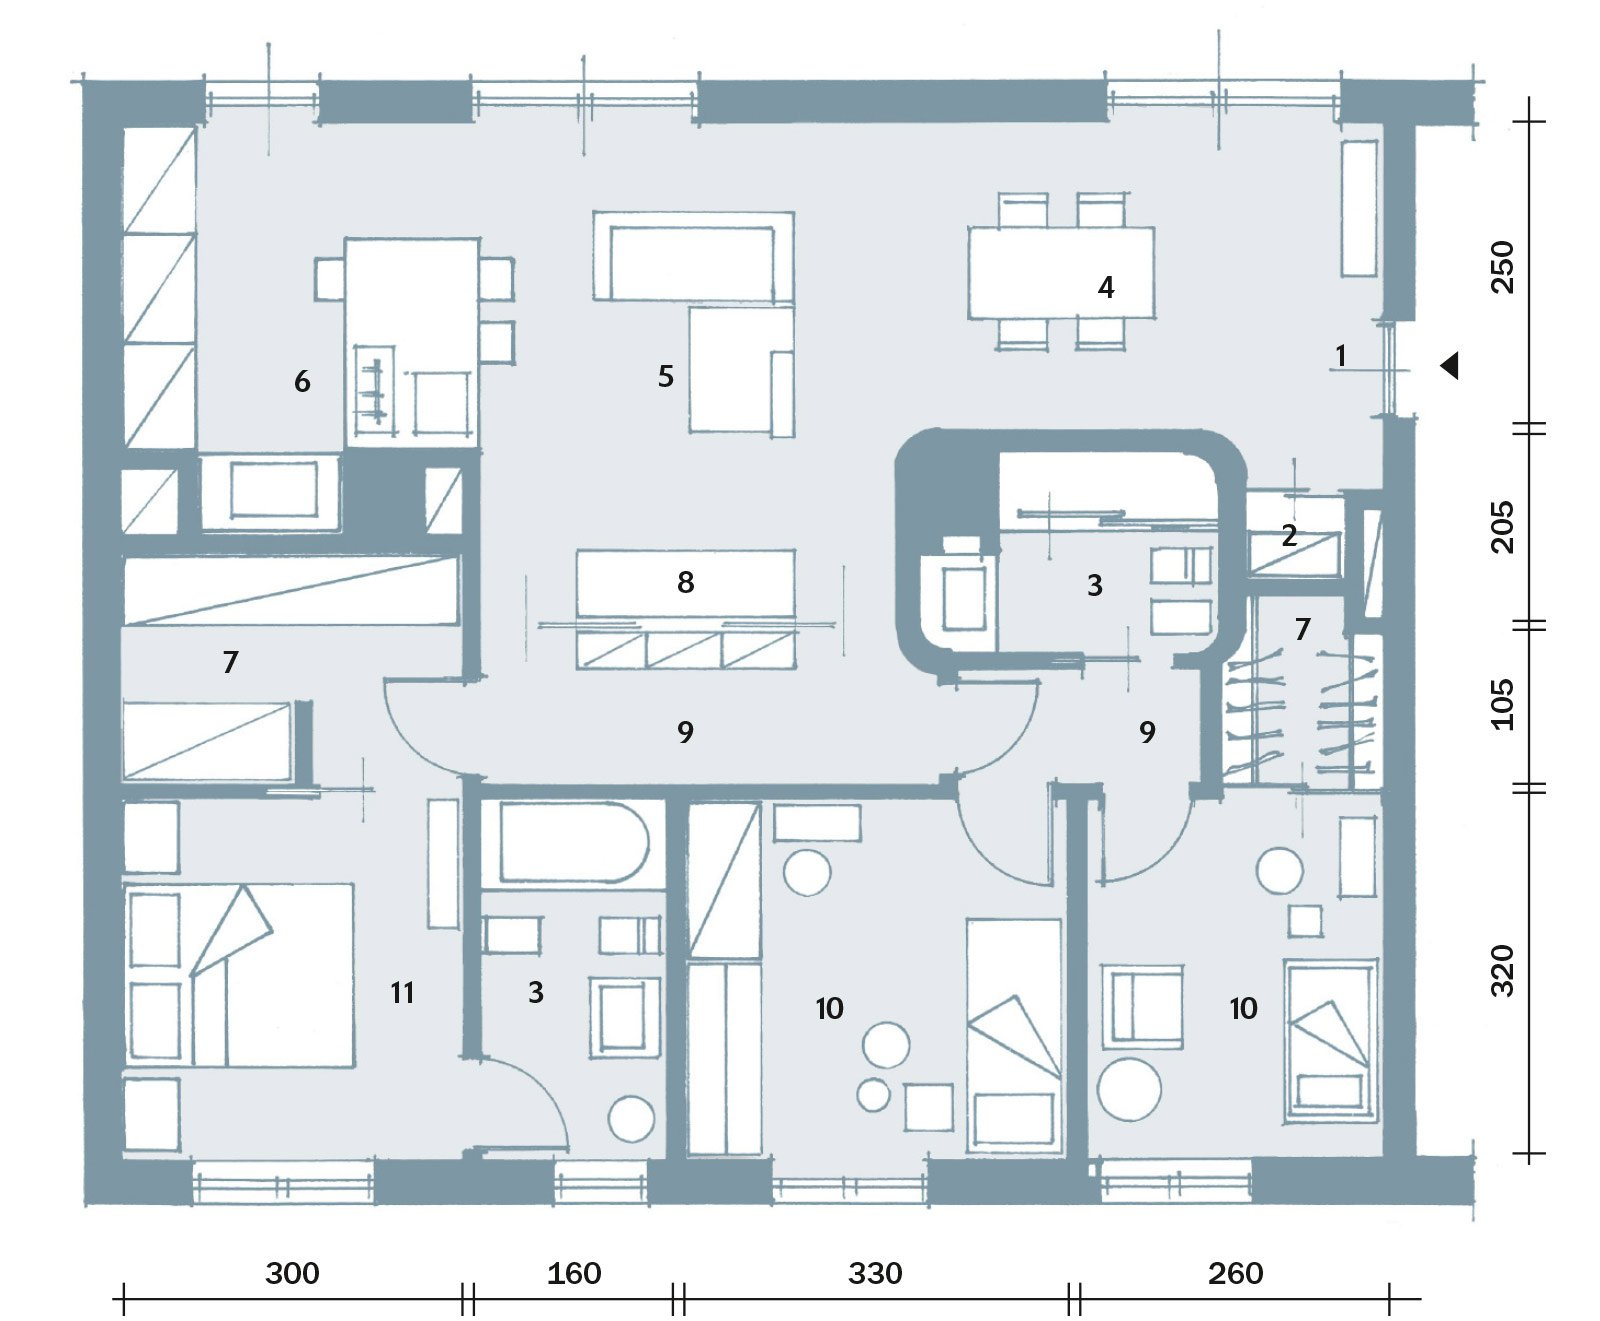 Suddivisioni ottimizzate per la casa di meno di 100 mq - Progetto casa 100 mq ...